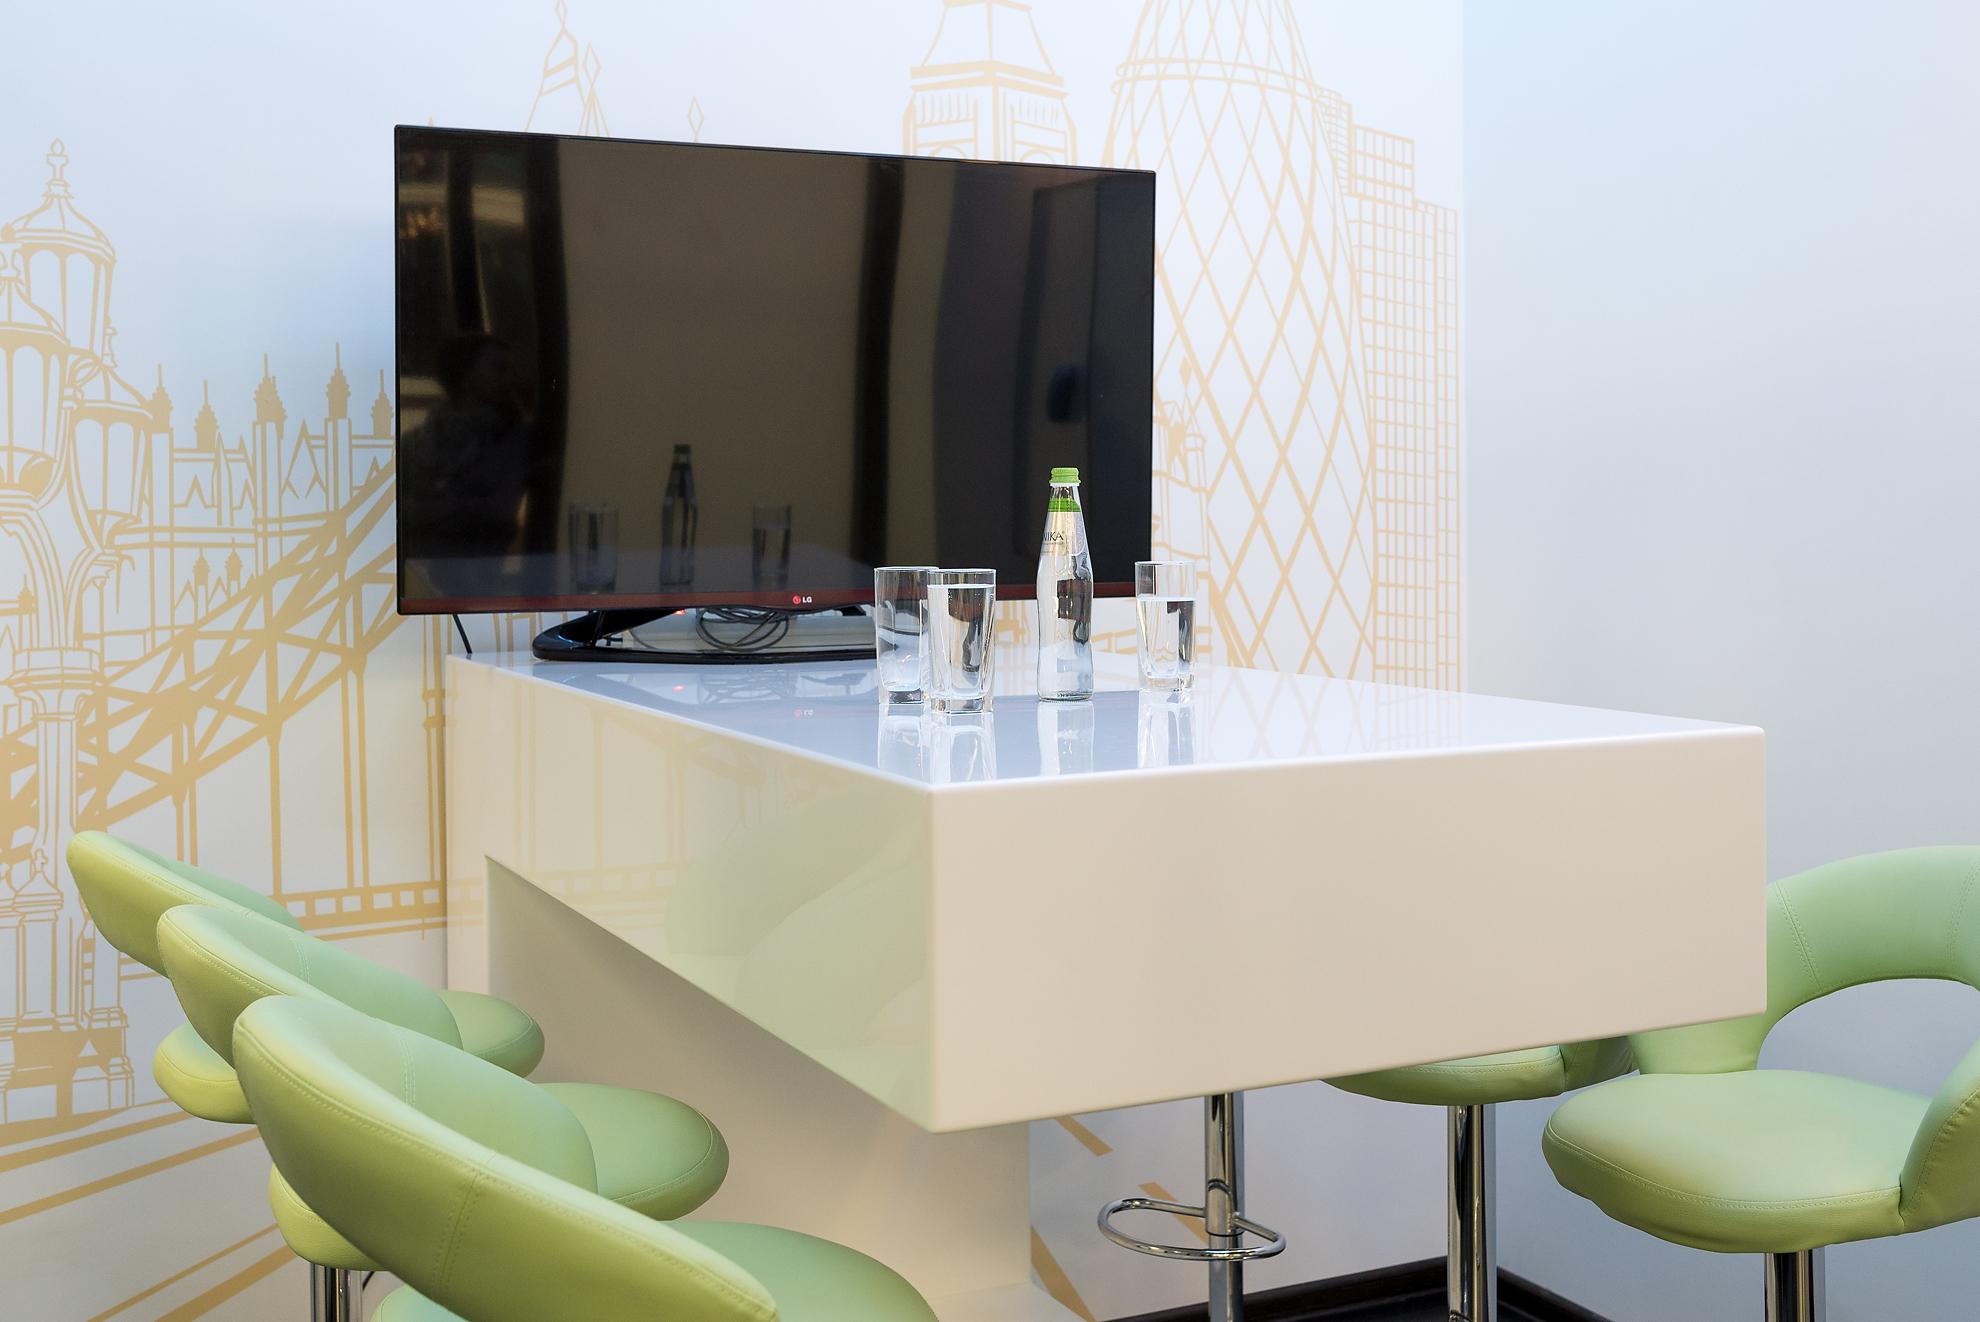 Proart. Изделия из искусственного акрилового камня для компании Hospital Technic в Санкт-Петербурге